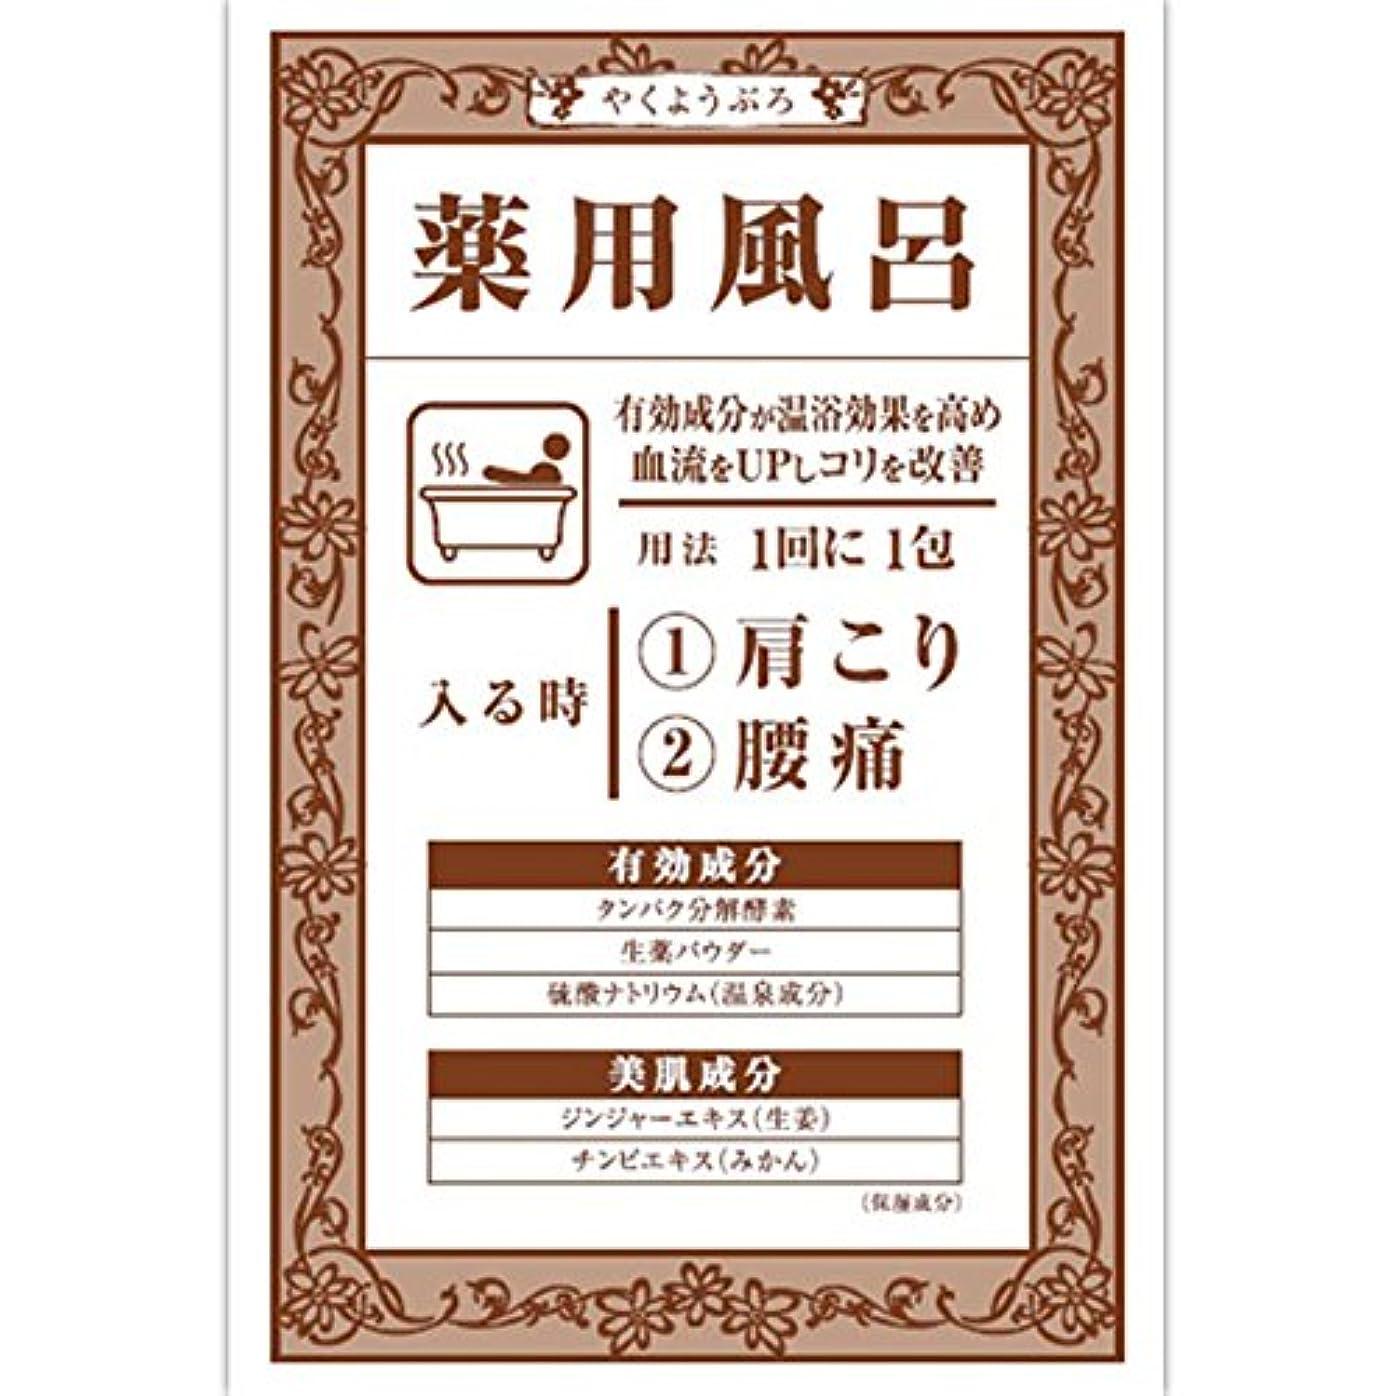 その間経過ワイプ大山 薬用風呂KKa(肩こり?腰痛) 40G(医薬部外品)